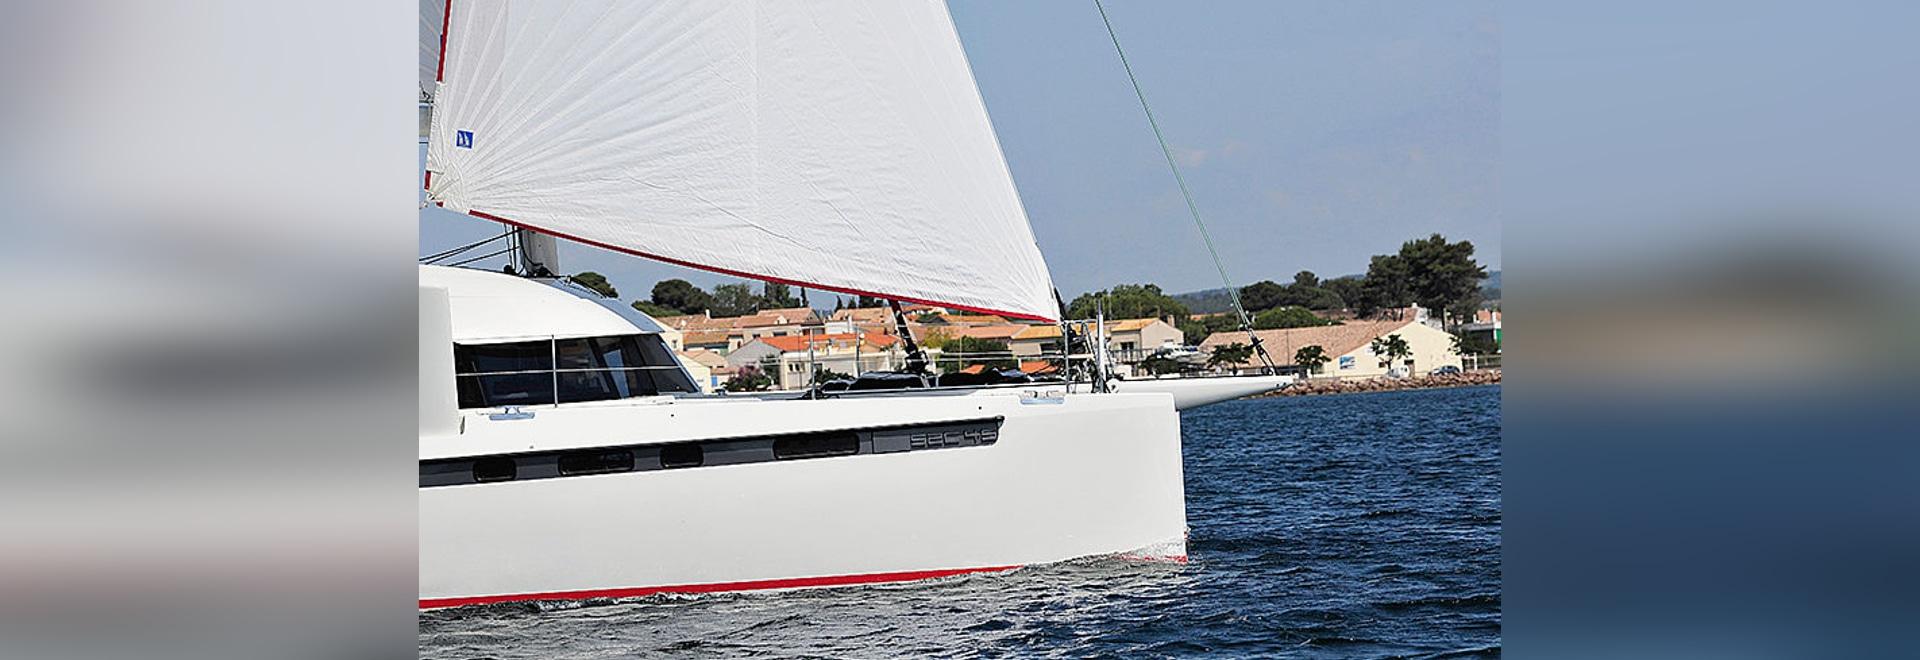 Swiss Catamaran S2C 45 à  Cannes